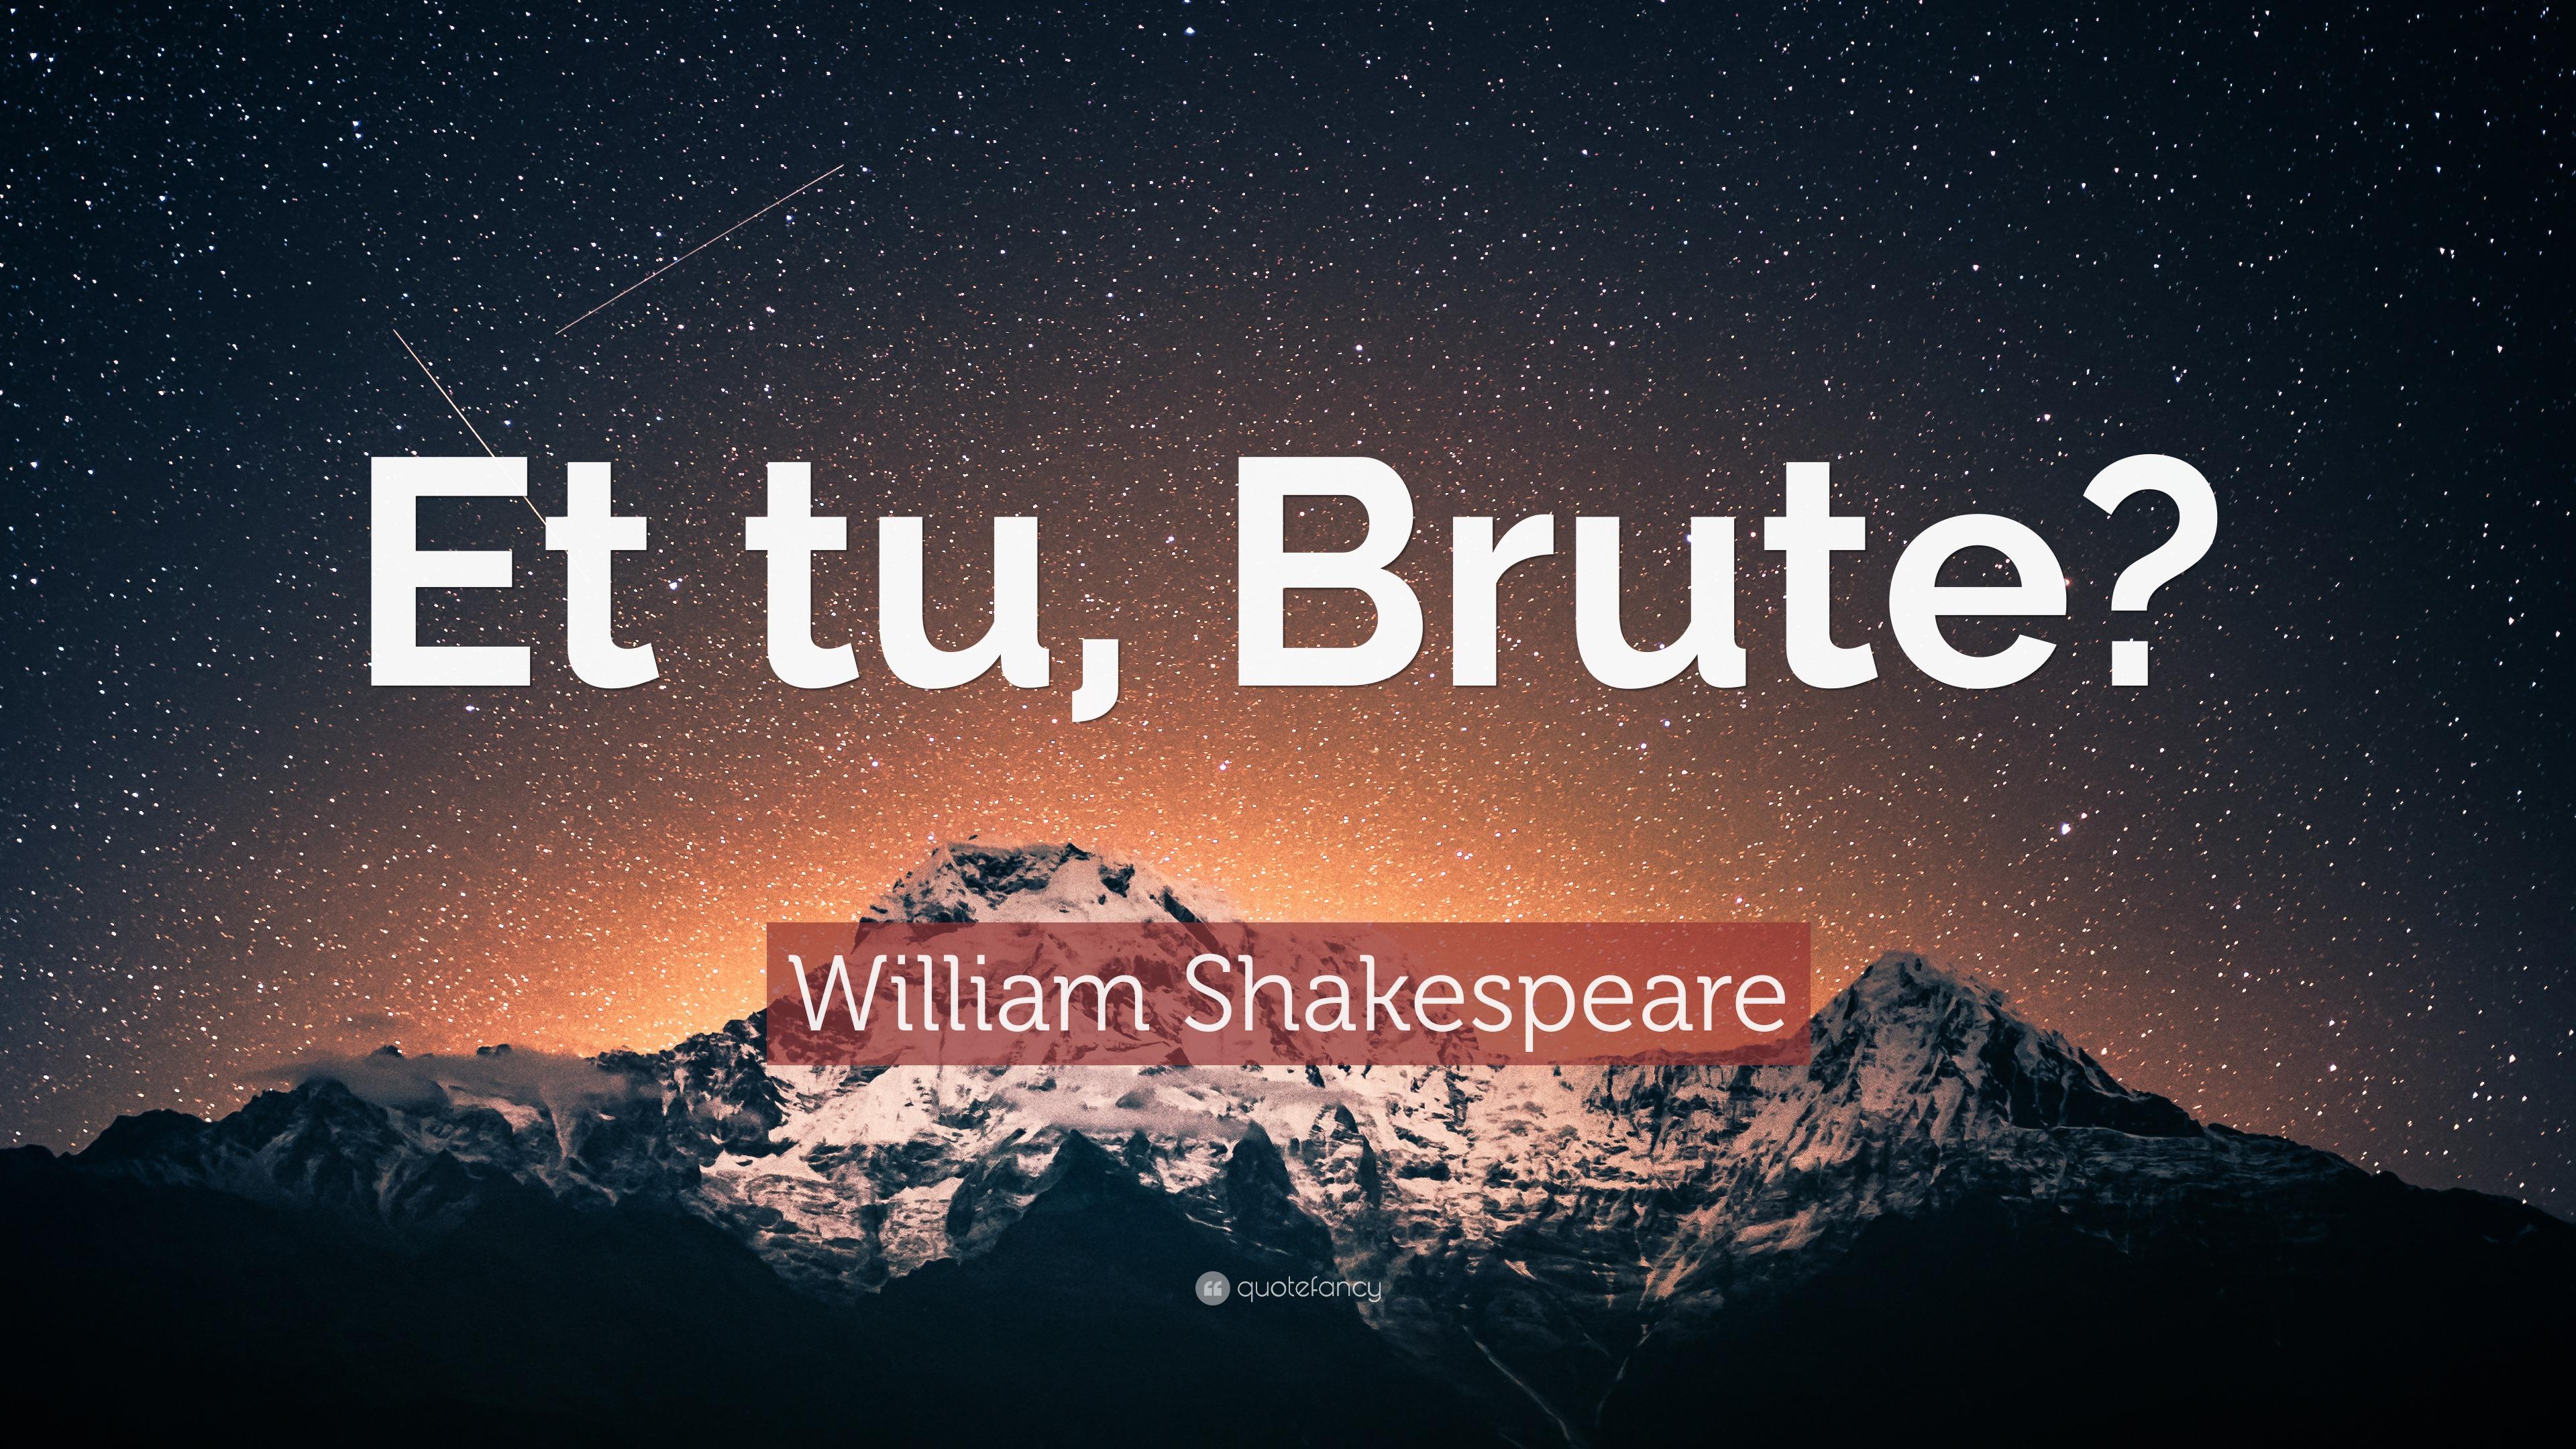 william shakespeare quote �et tu brute� 16 wallpapers